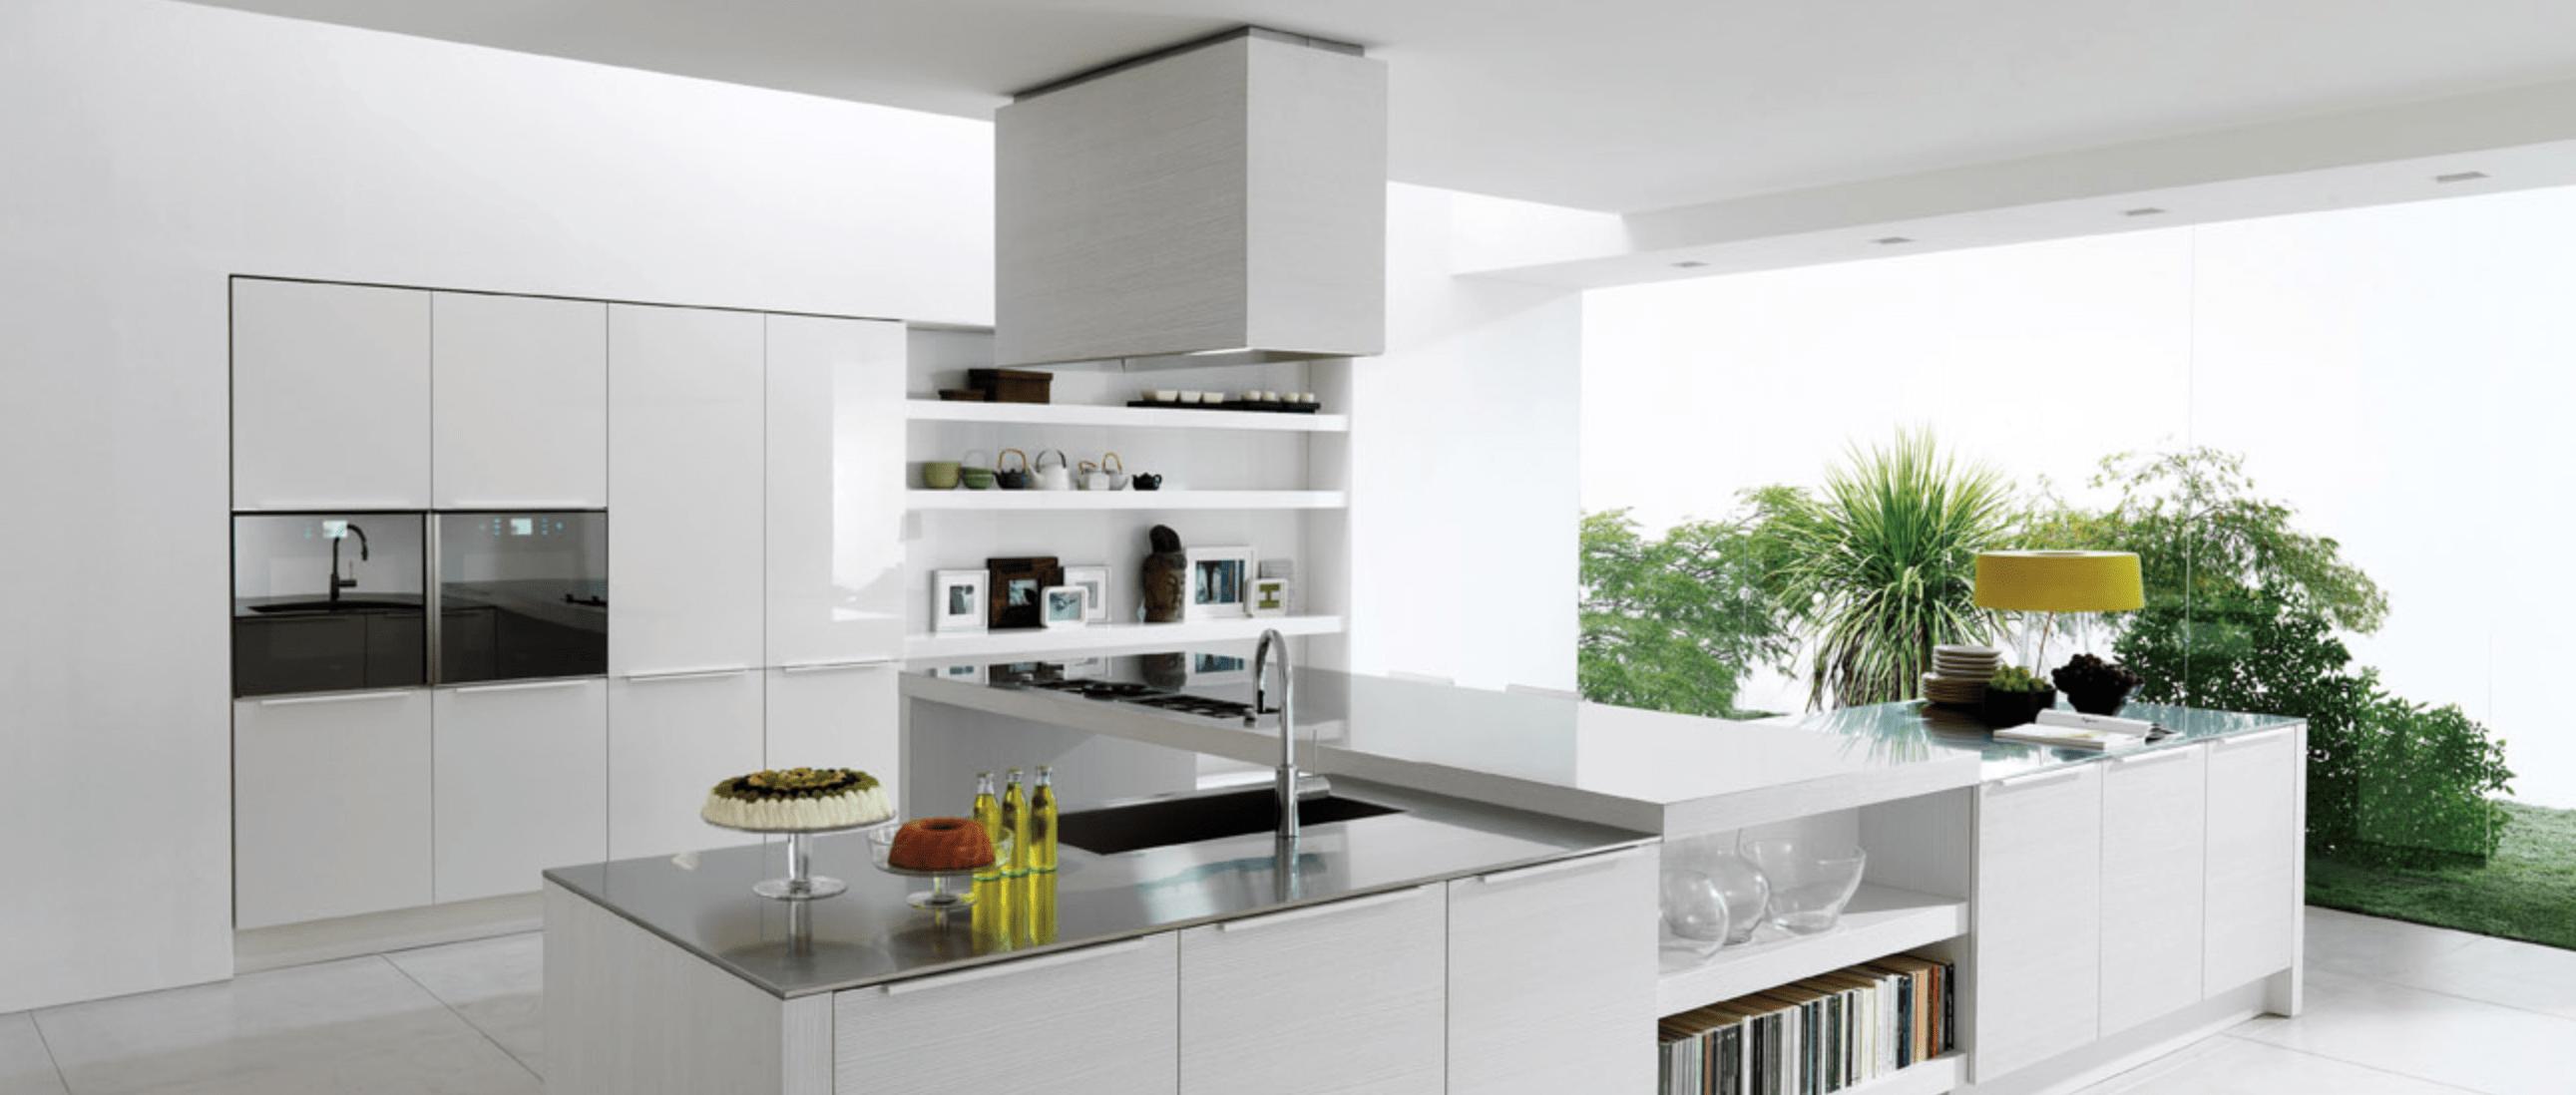 Wat kost een keuken for Hoeveel kost een nieuwe badkamer gemiddeld